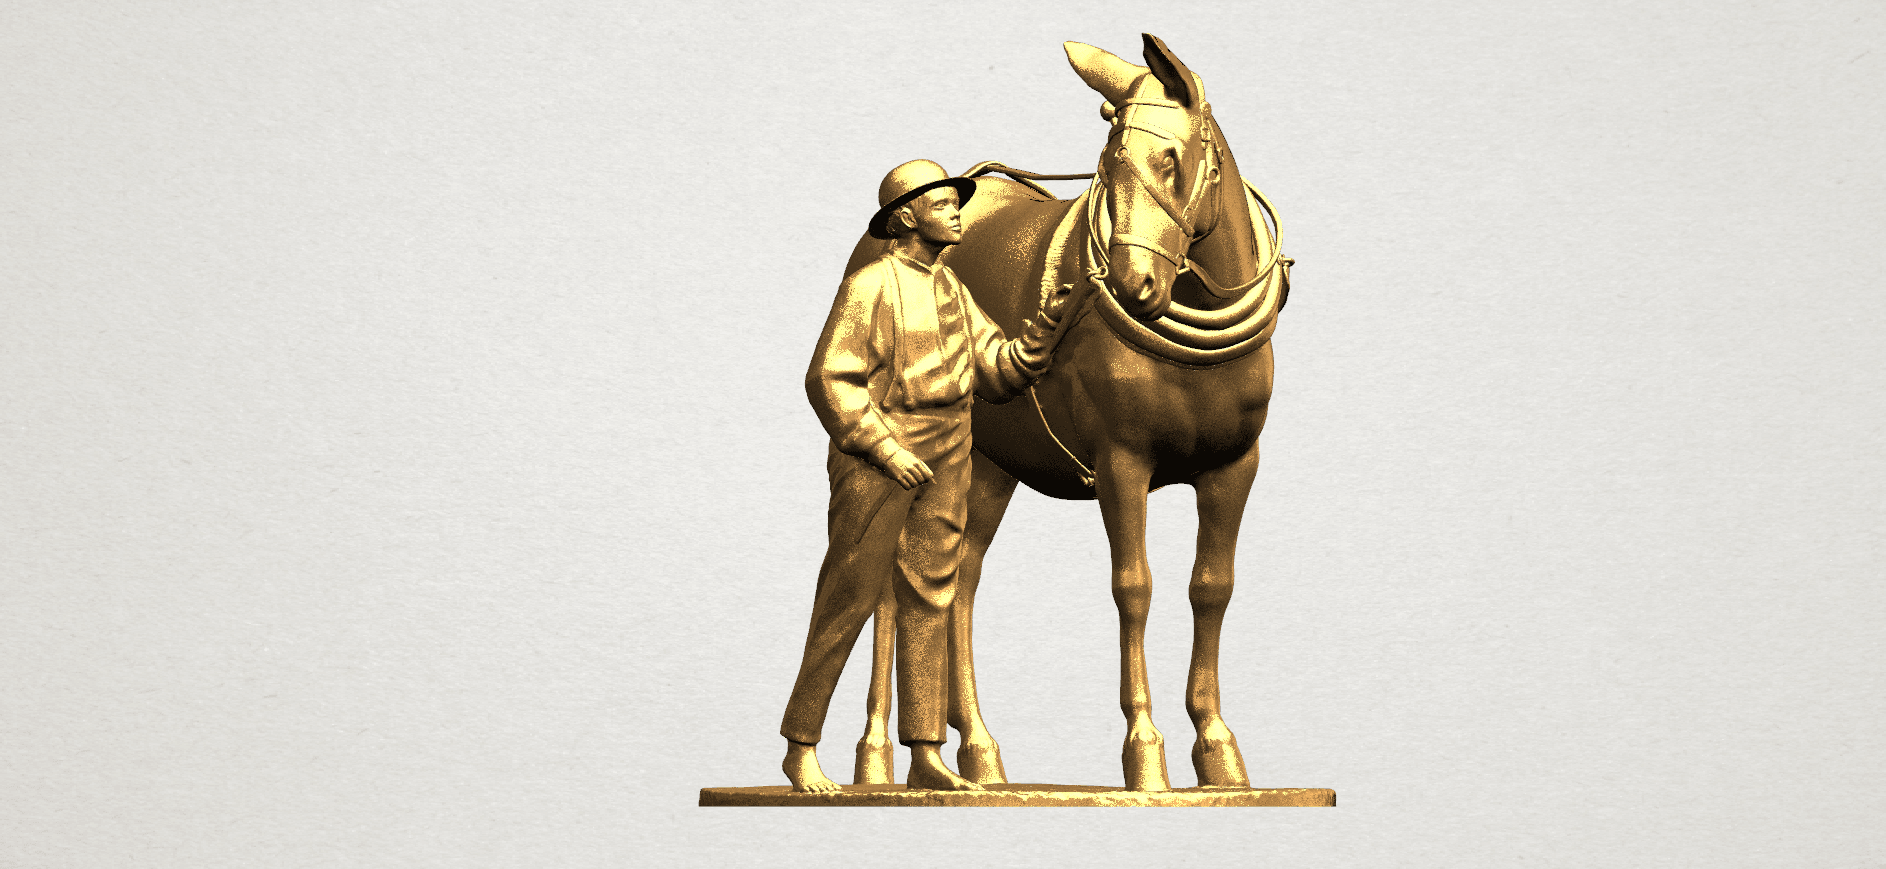 Horse with Man (i) - A10.png Télécharger fichier STL gratuit Cheval avec Man 01 • Objet à imprimer en 3D, GeorgesNikkei